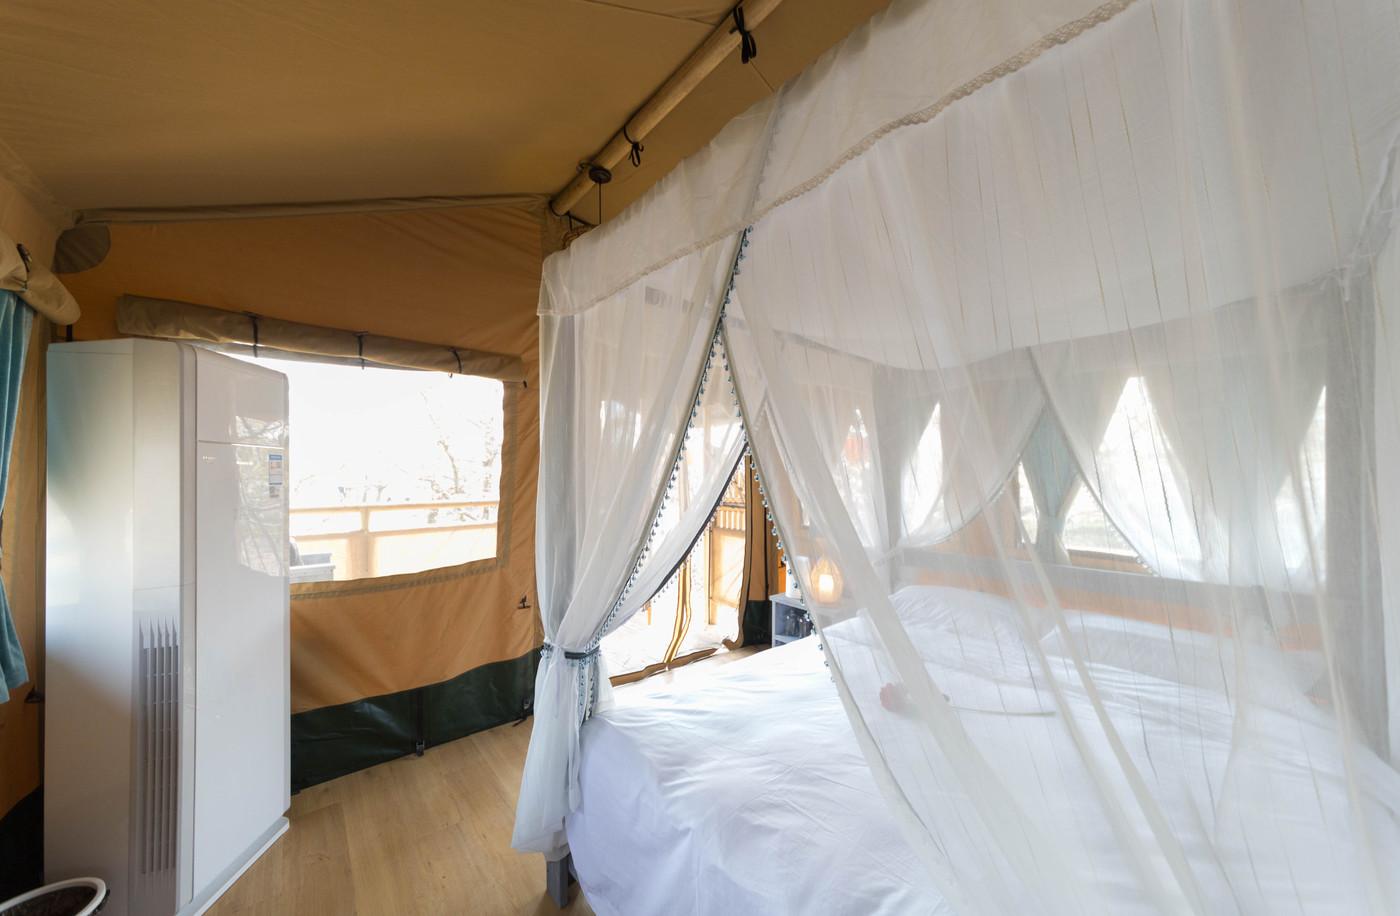 喜马拉雅野奢帐篷酒店—安徽砀山 东篱蓬芦(梨园41平)26